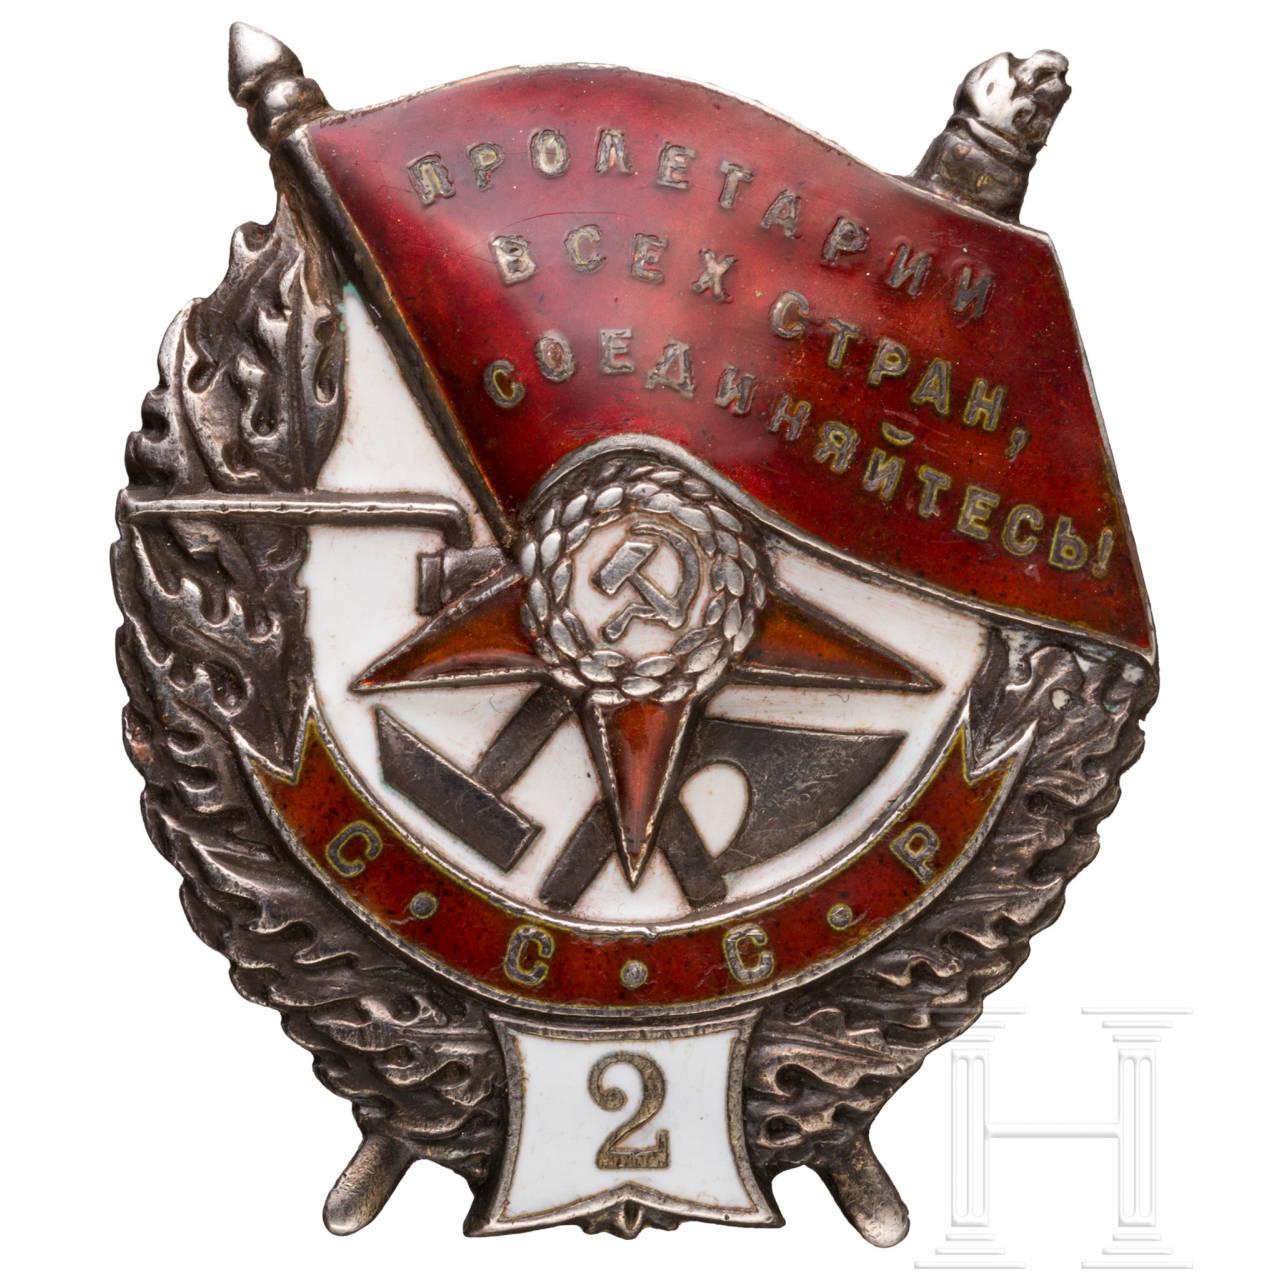 Rotbannerorden für zweifache Verleihung, Sowjetunion, ab 1936